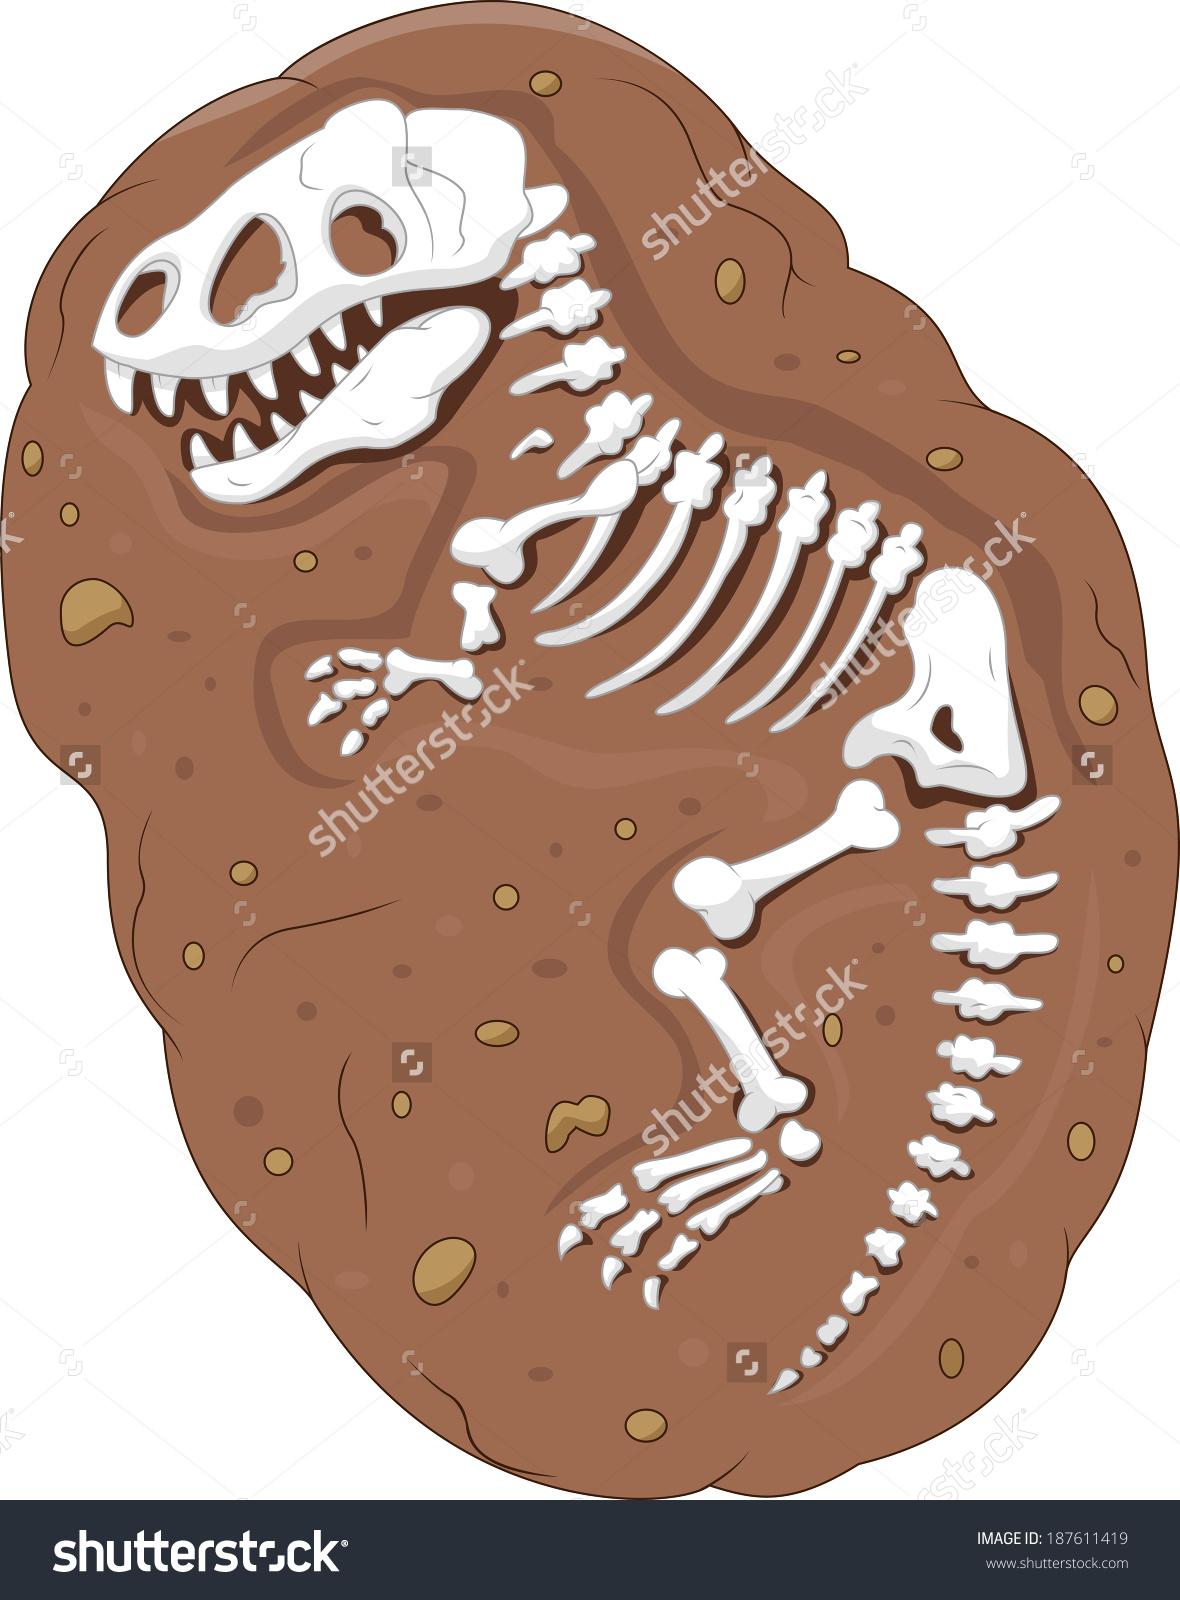 Fossils Cartoon.